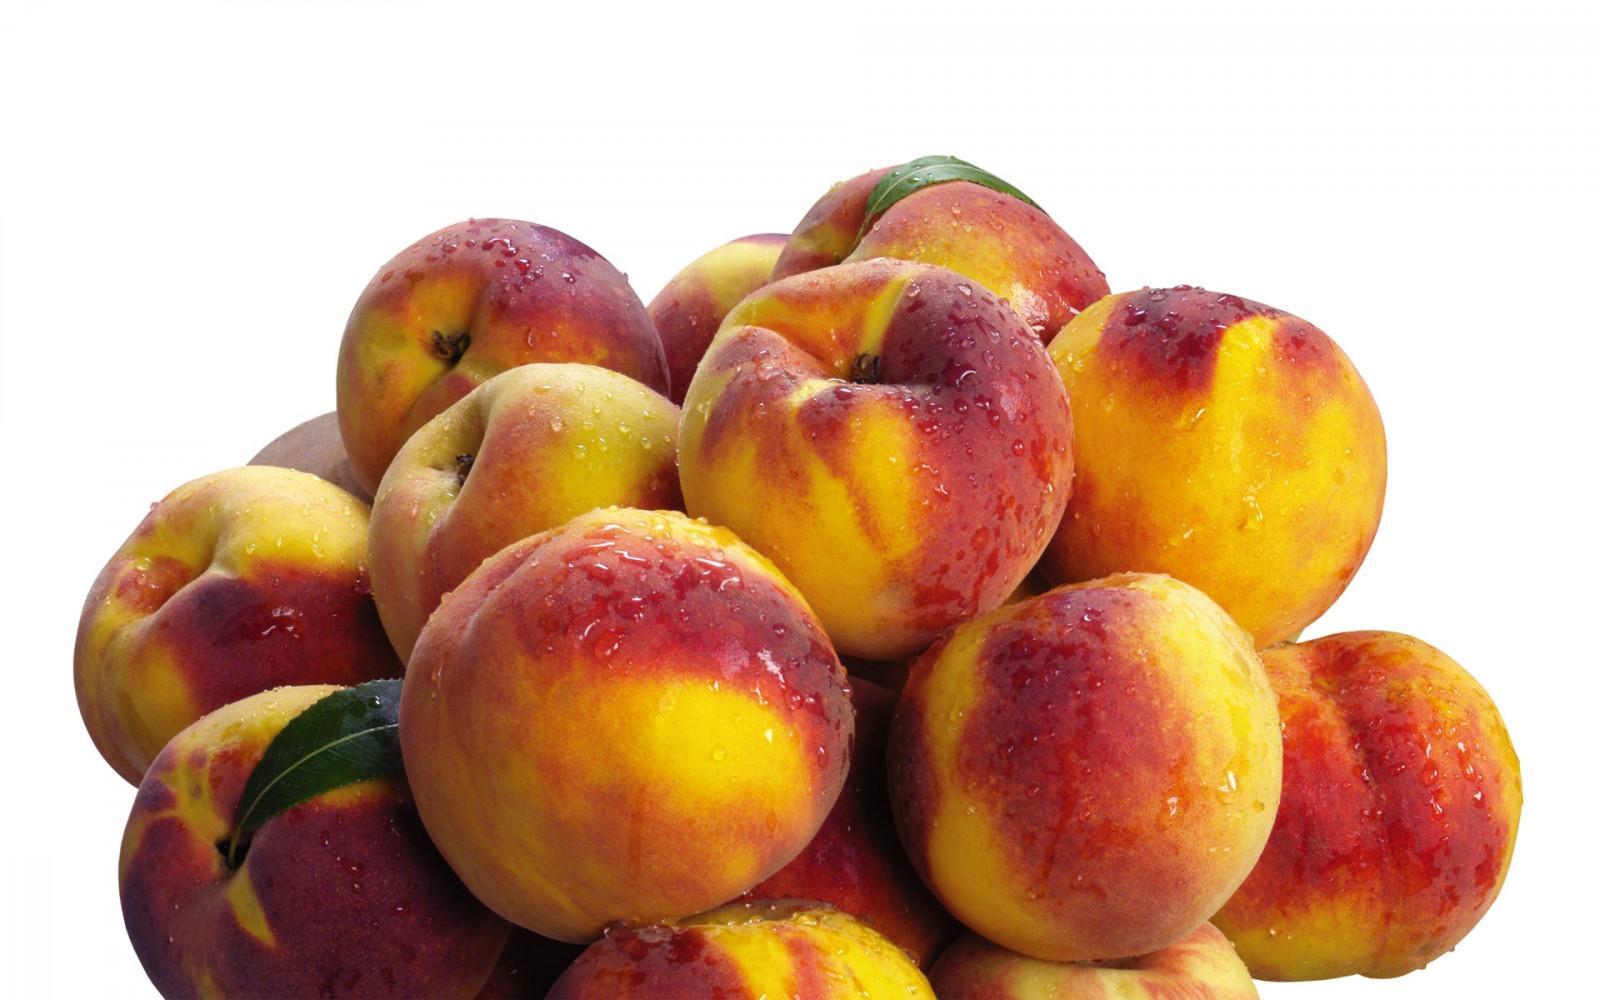 Открытки персики, имена андрей поздравление